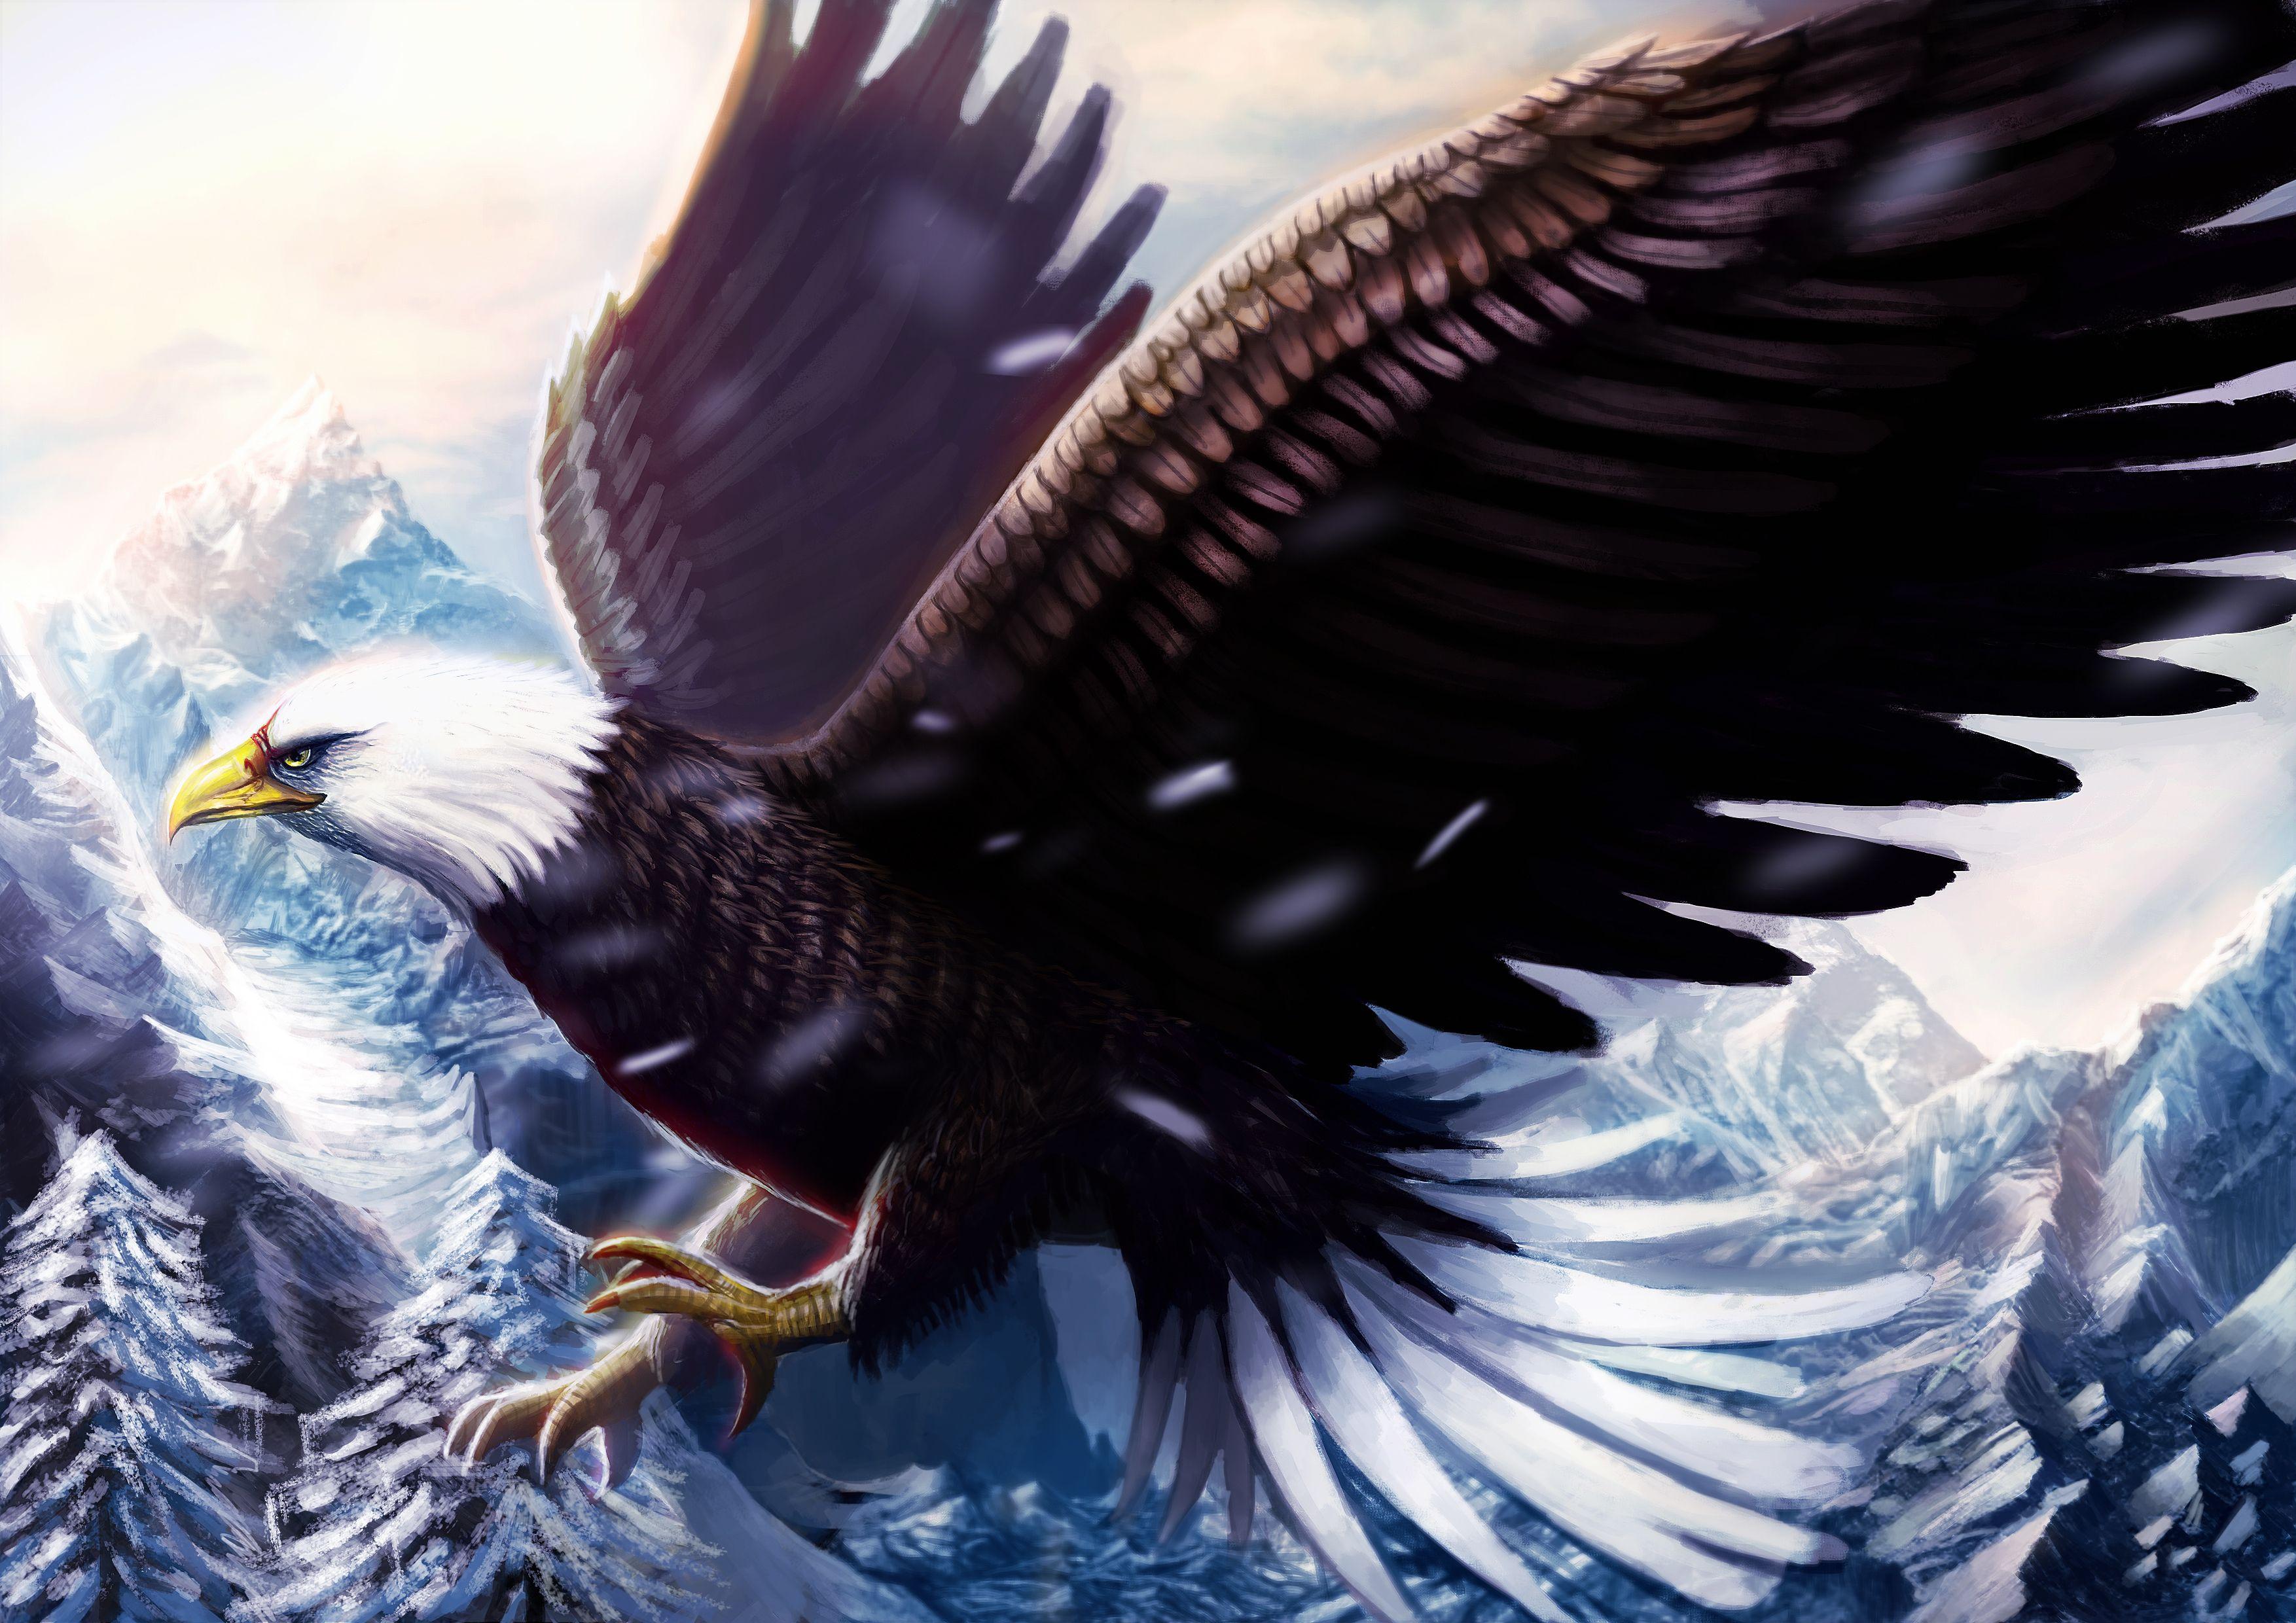 клюв орел зима the beak eagle winter бесплатно